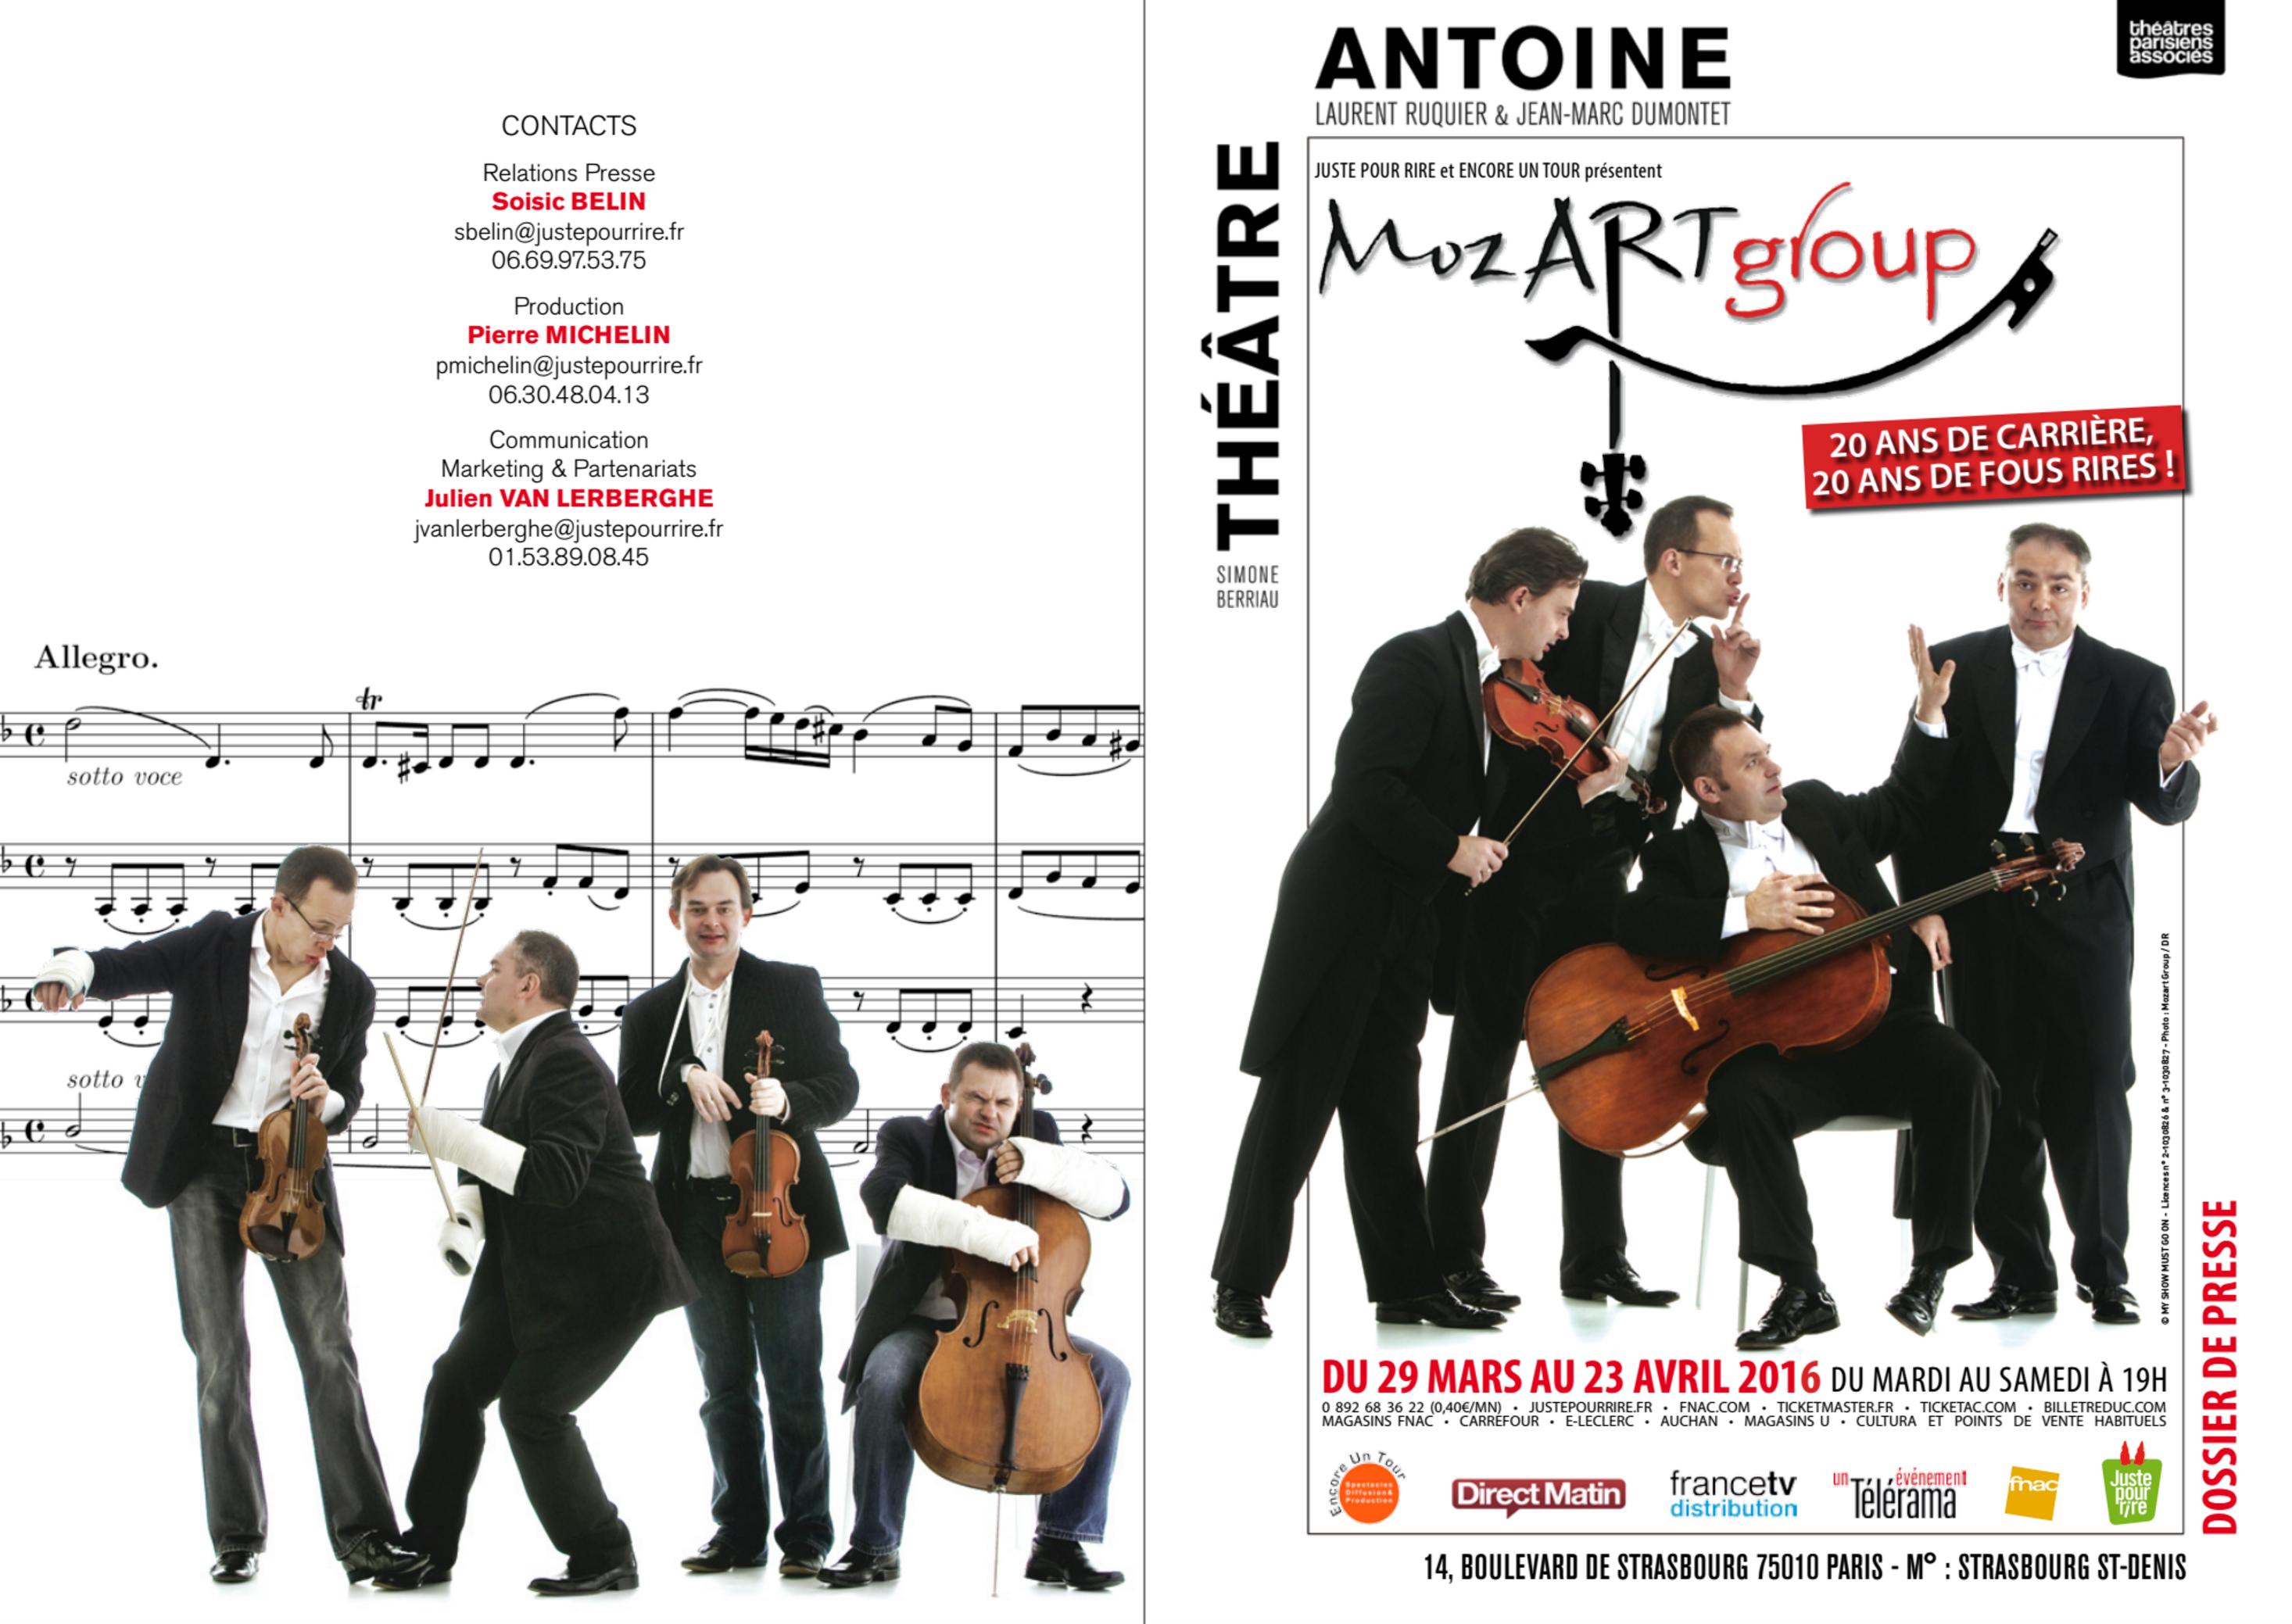 Koncerty Grupy MoCarta (MozART group) w Paryżu